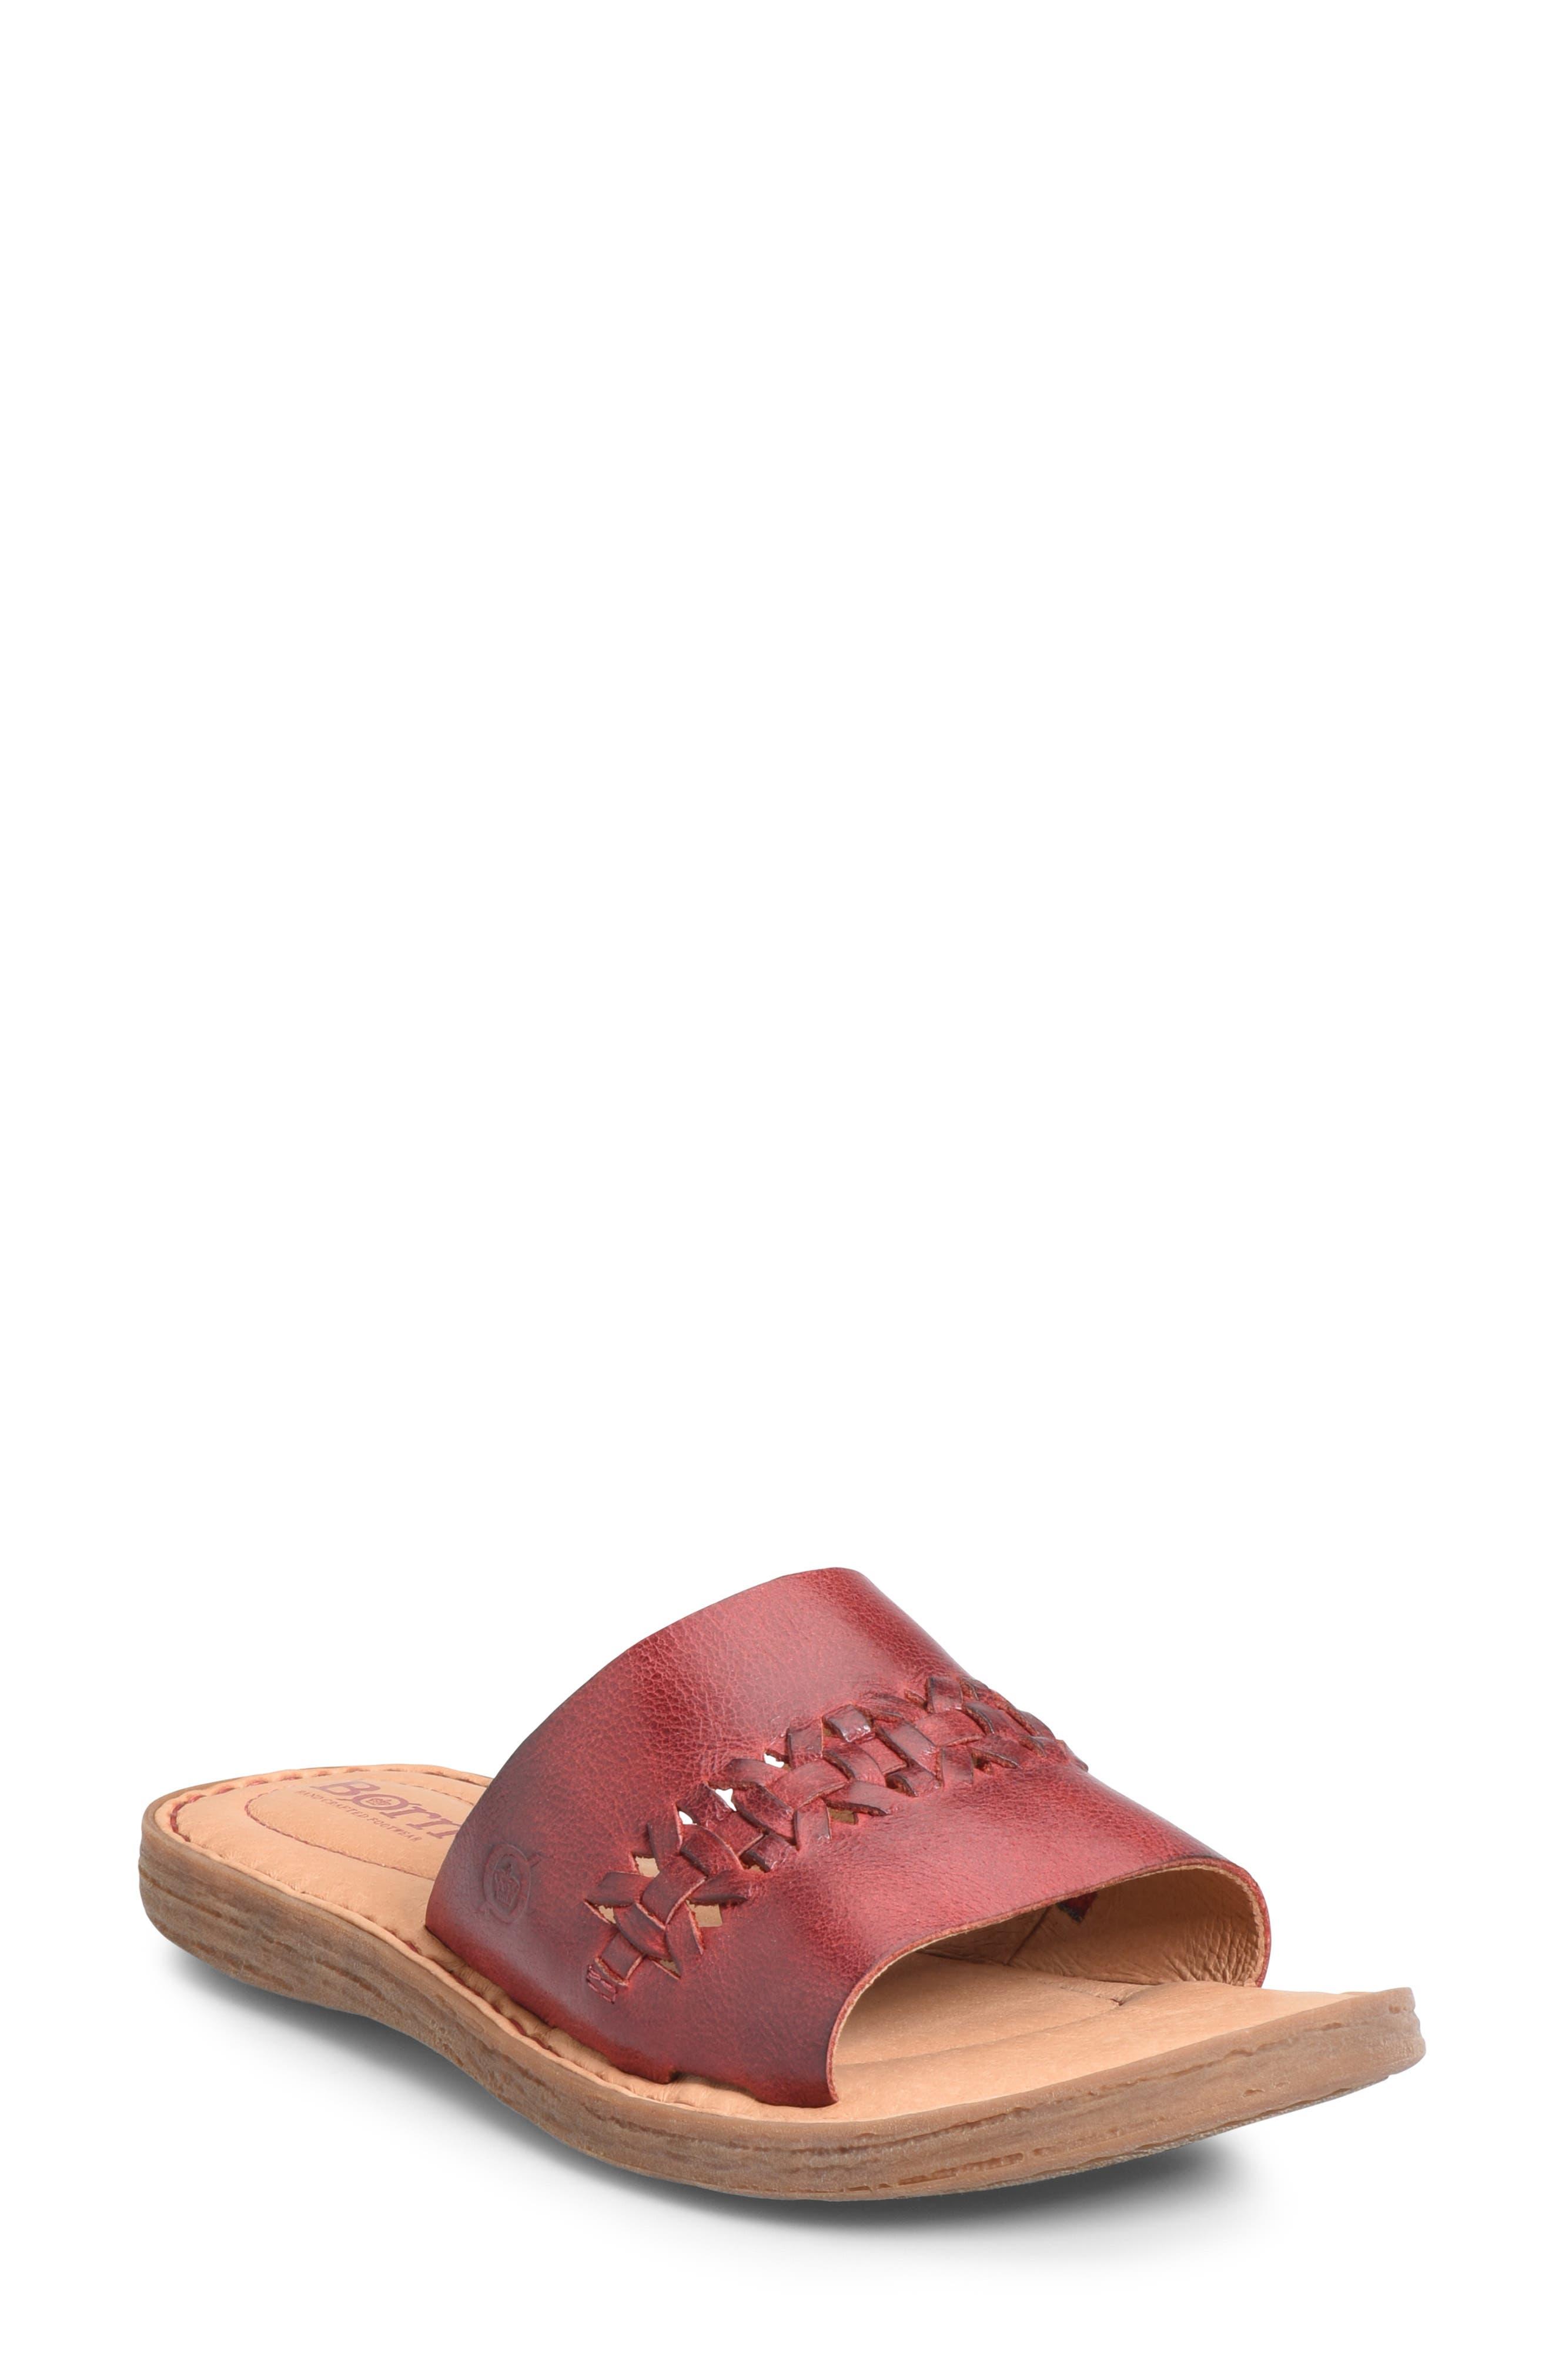 B?rn St. Francis Slide Sandal, Red